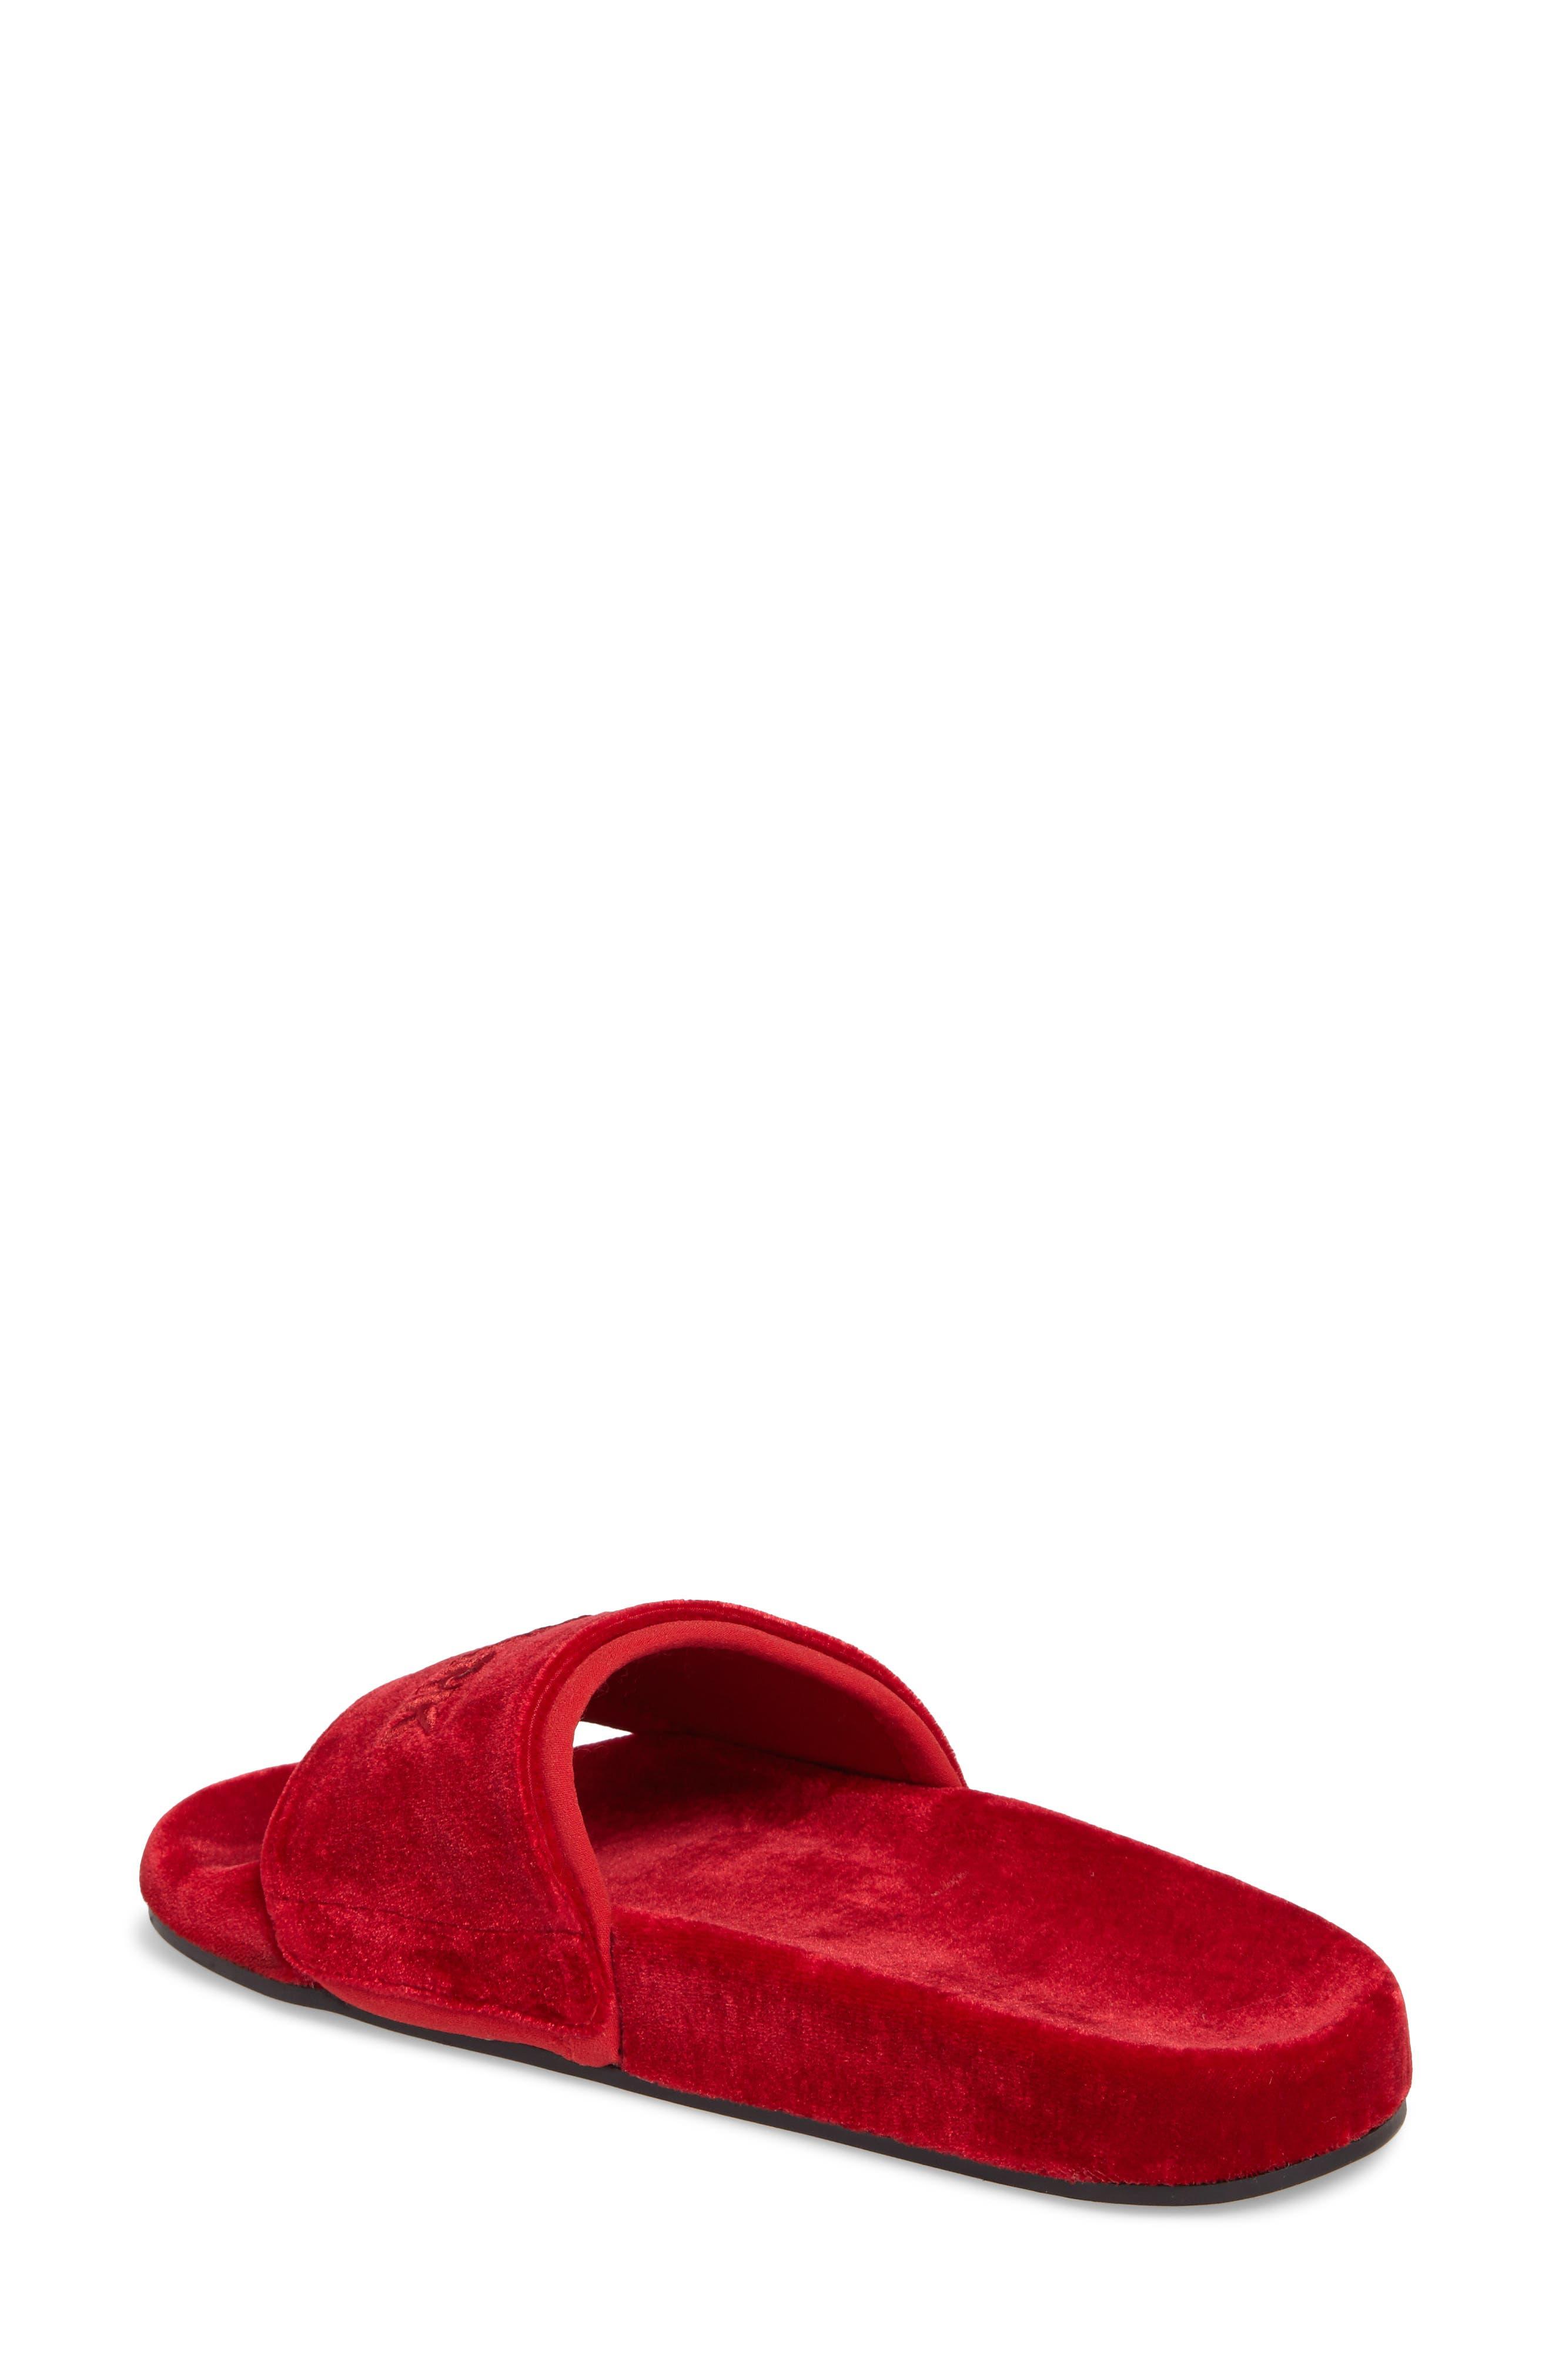 Alternate Image 2  - IVY PARK® Velvet Embossed Slide Sandal (Women)